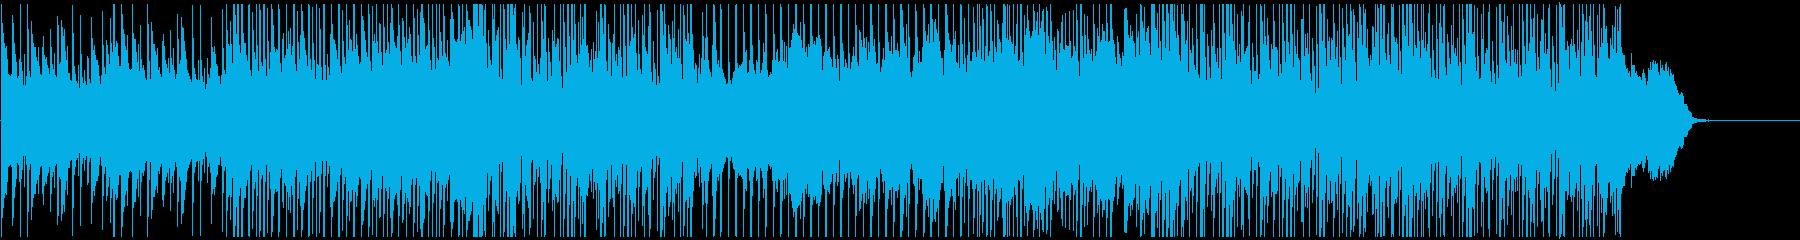 ピアノと弦楽器の旋律が爽やかなインストの再生済みの波形